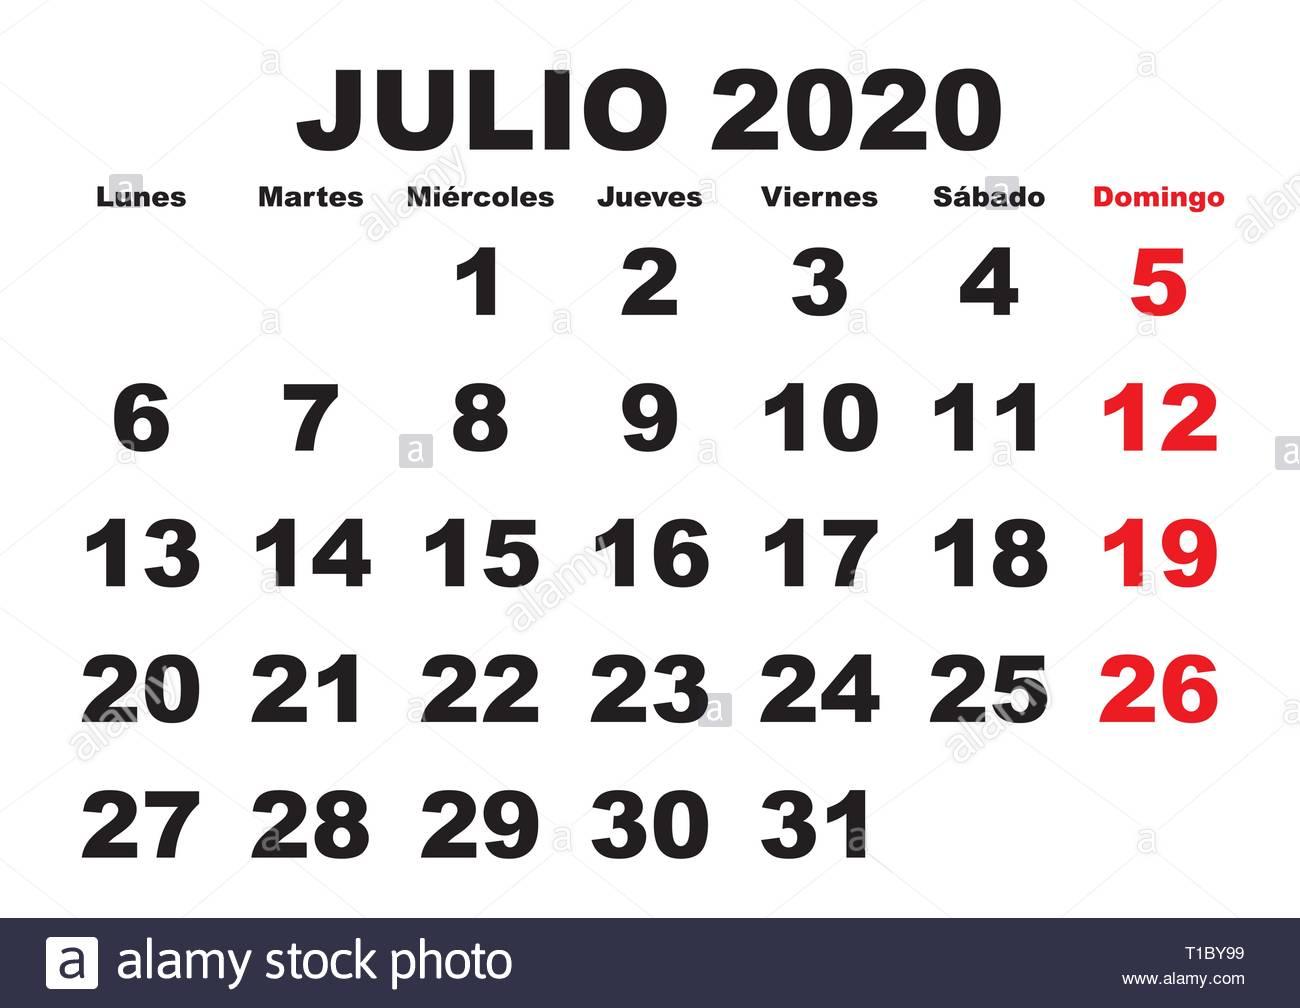 Calendario Junio Julio 2020.Mes Del Ano Imagenes De Stock Mes Del Ano Fotos De Stock Alamy